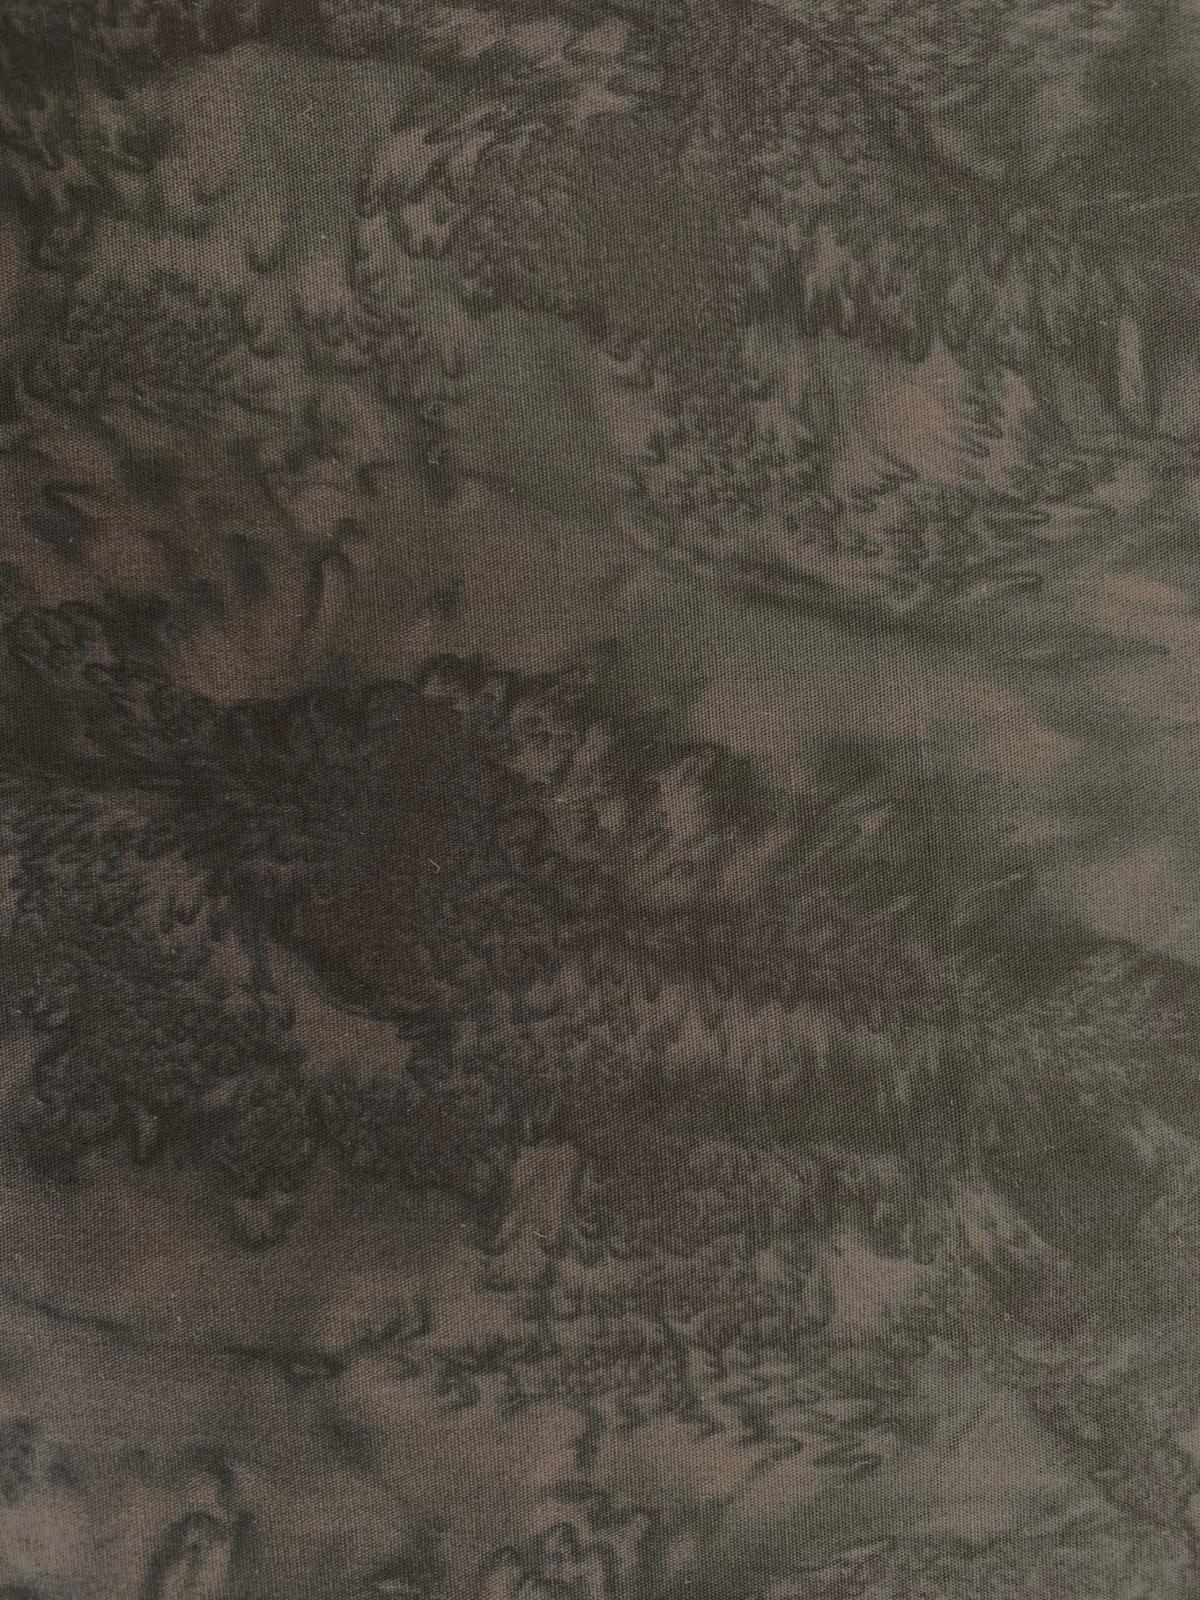 1895-704-Deep Earth Bali Batiks